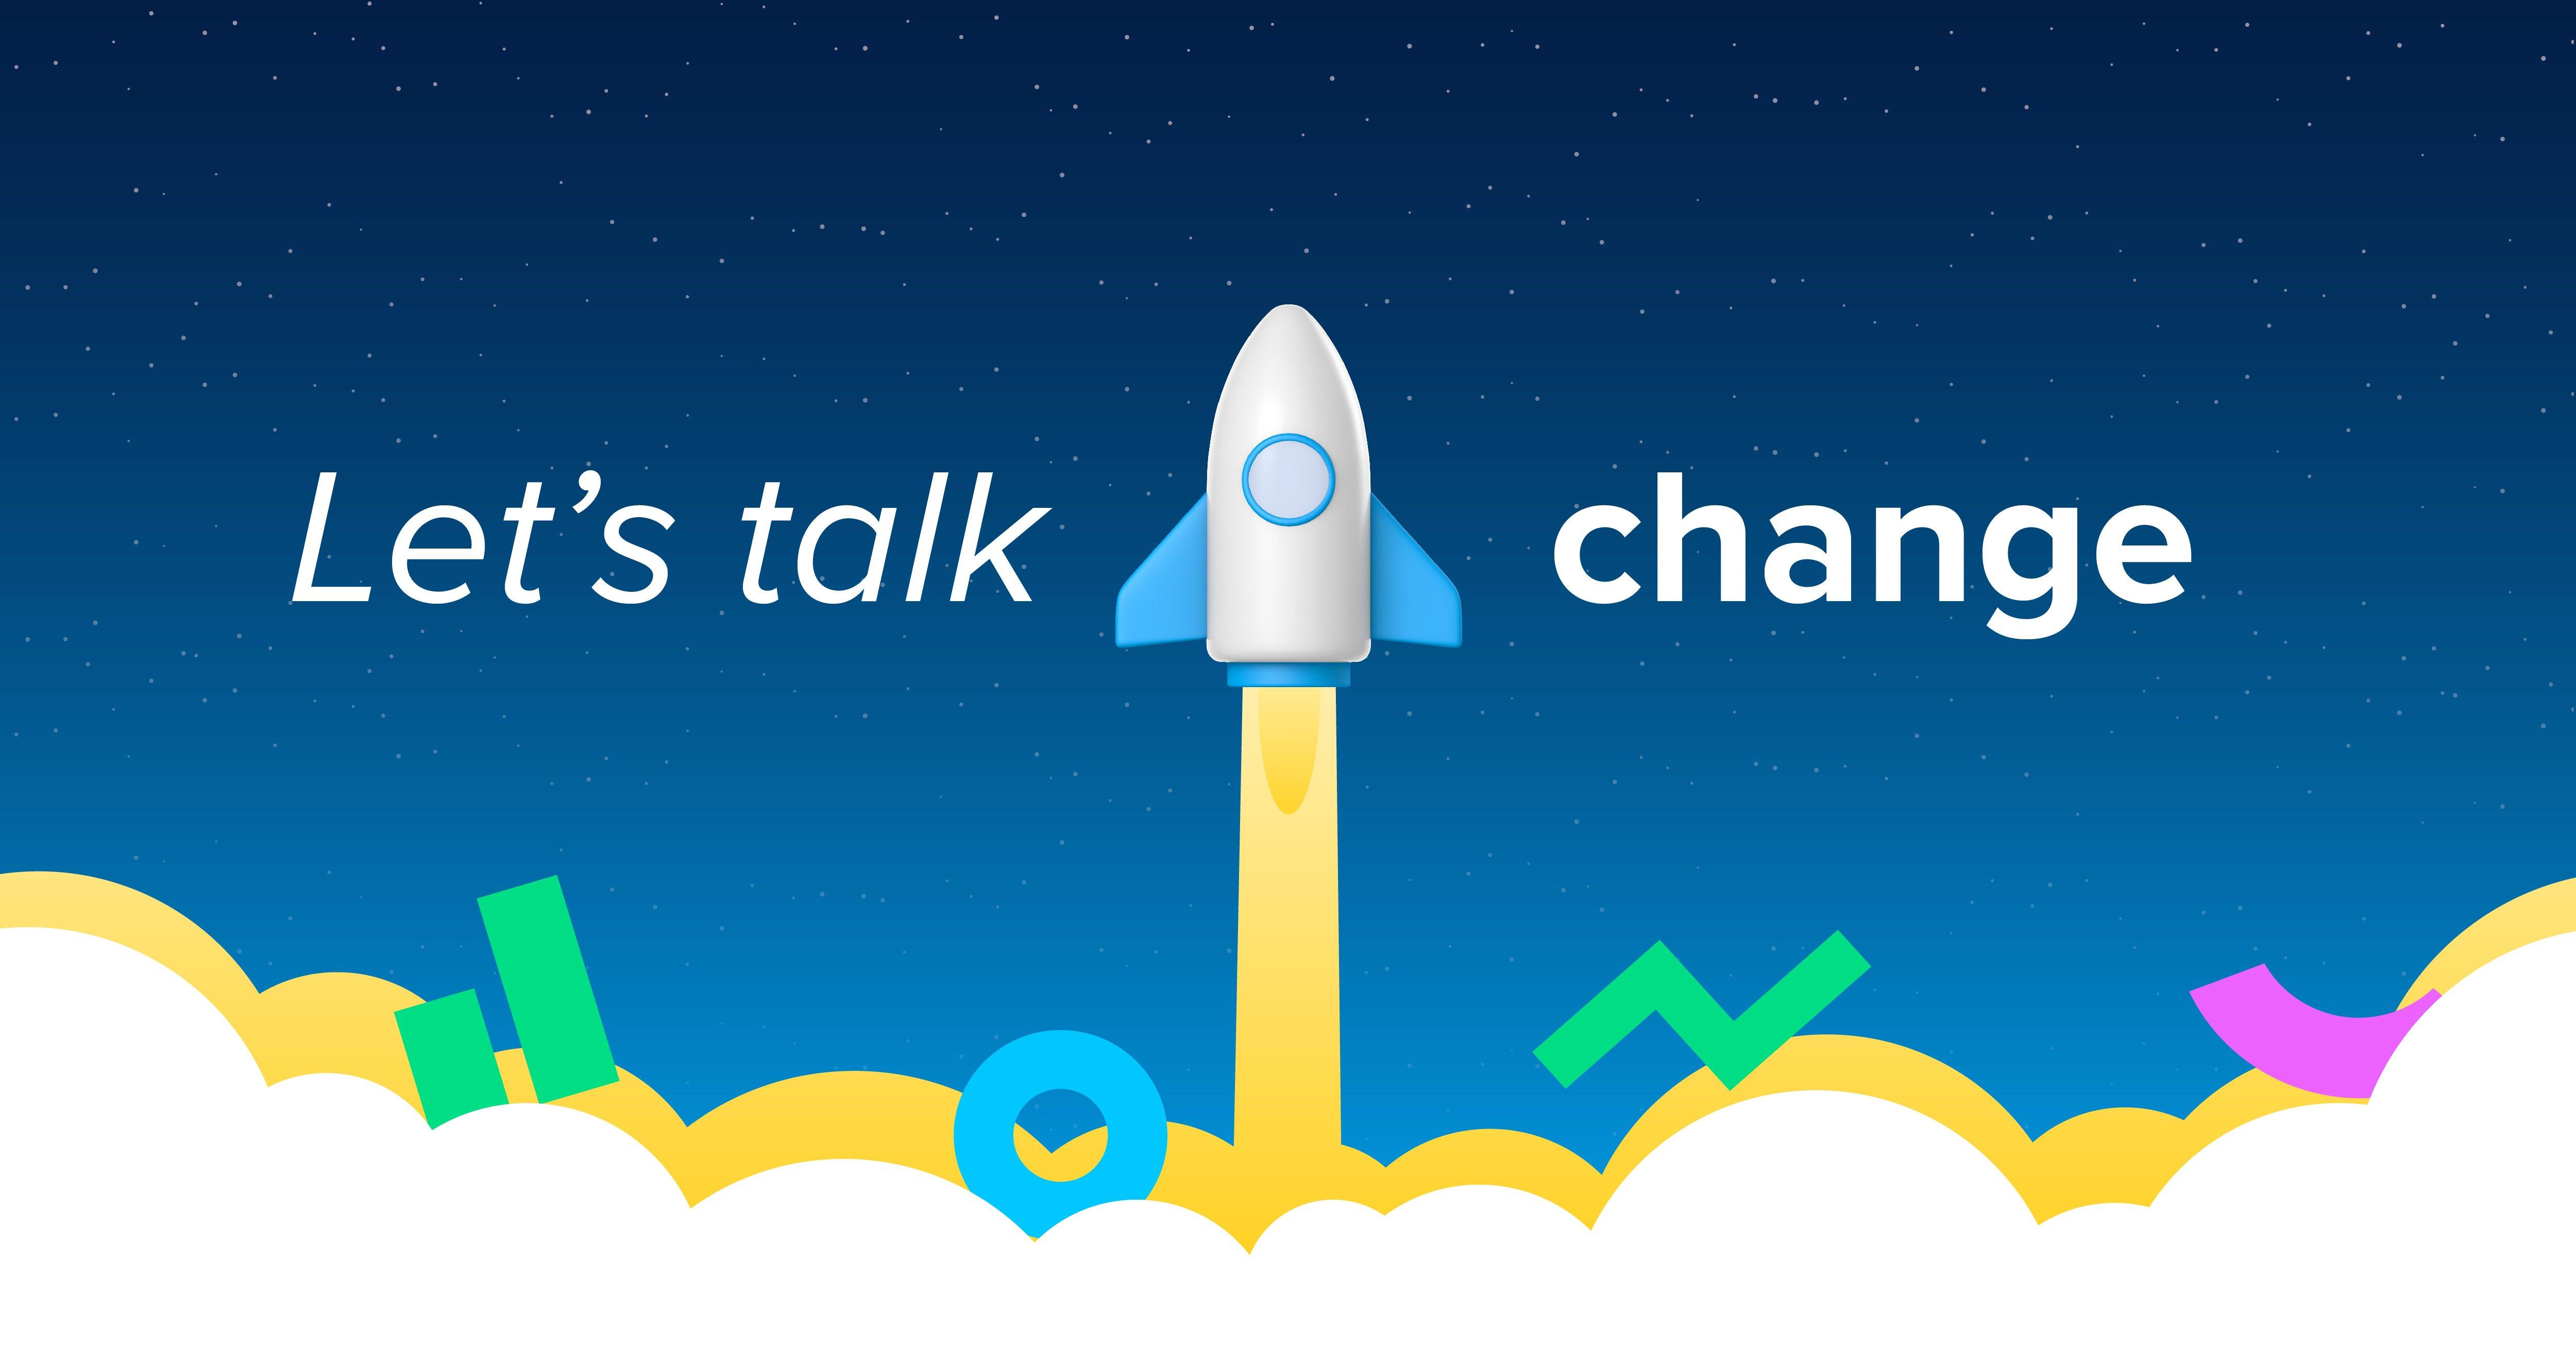 lets-talk-change_blog-asset_v2-01